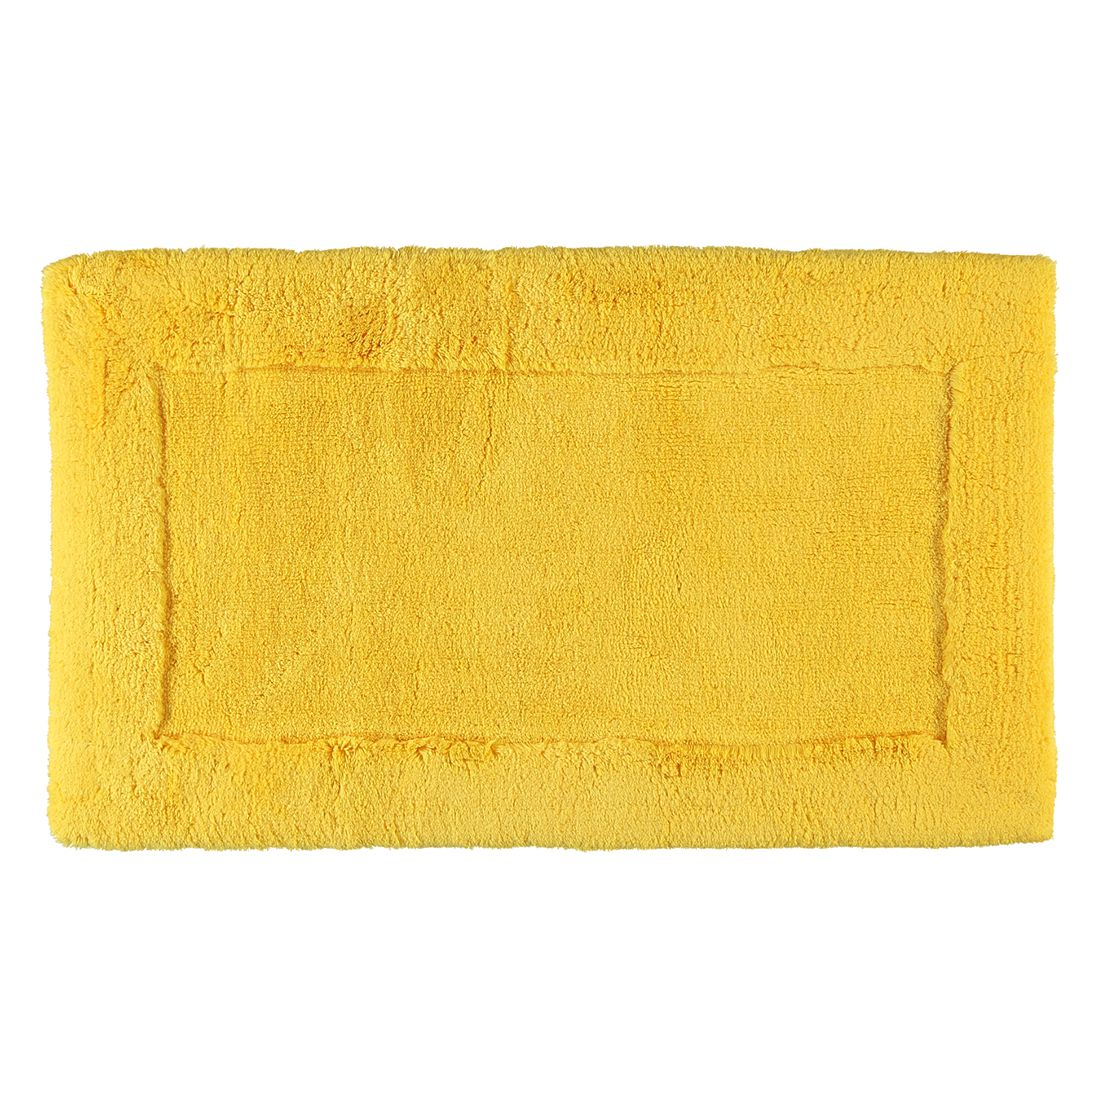 Badteppiche Unique – Baumwolle – Safran – 50×60 cm, Vossen jetzt kaufen